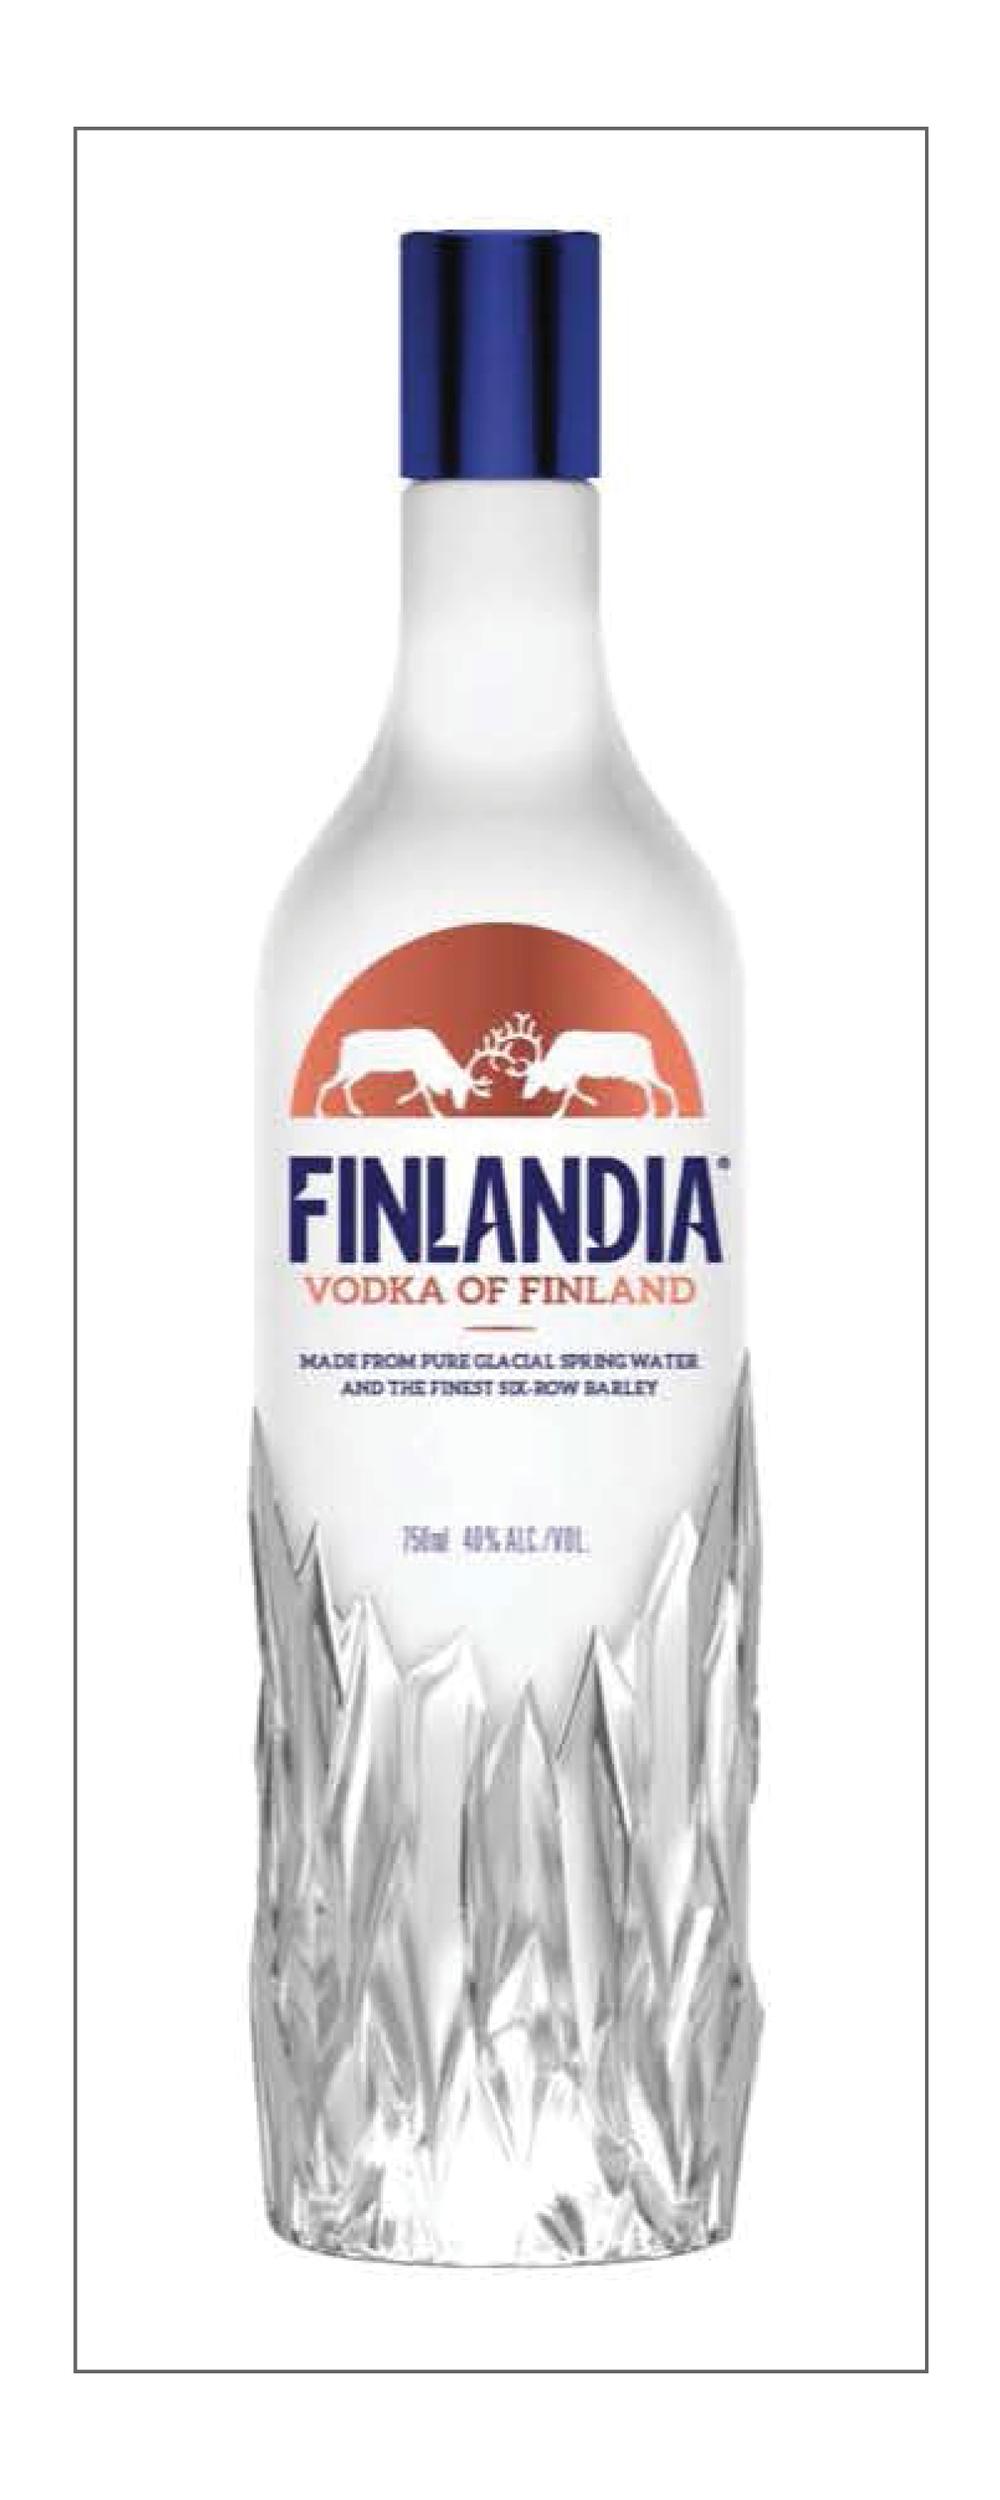 FV_Bottle_concepts10.png